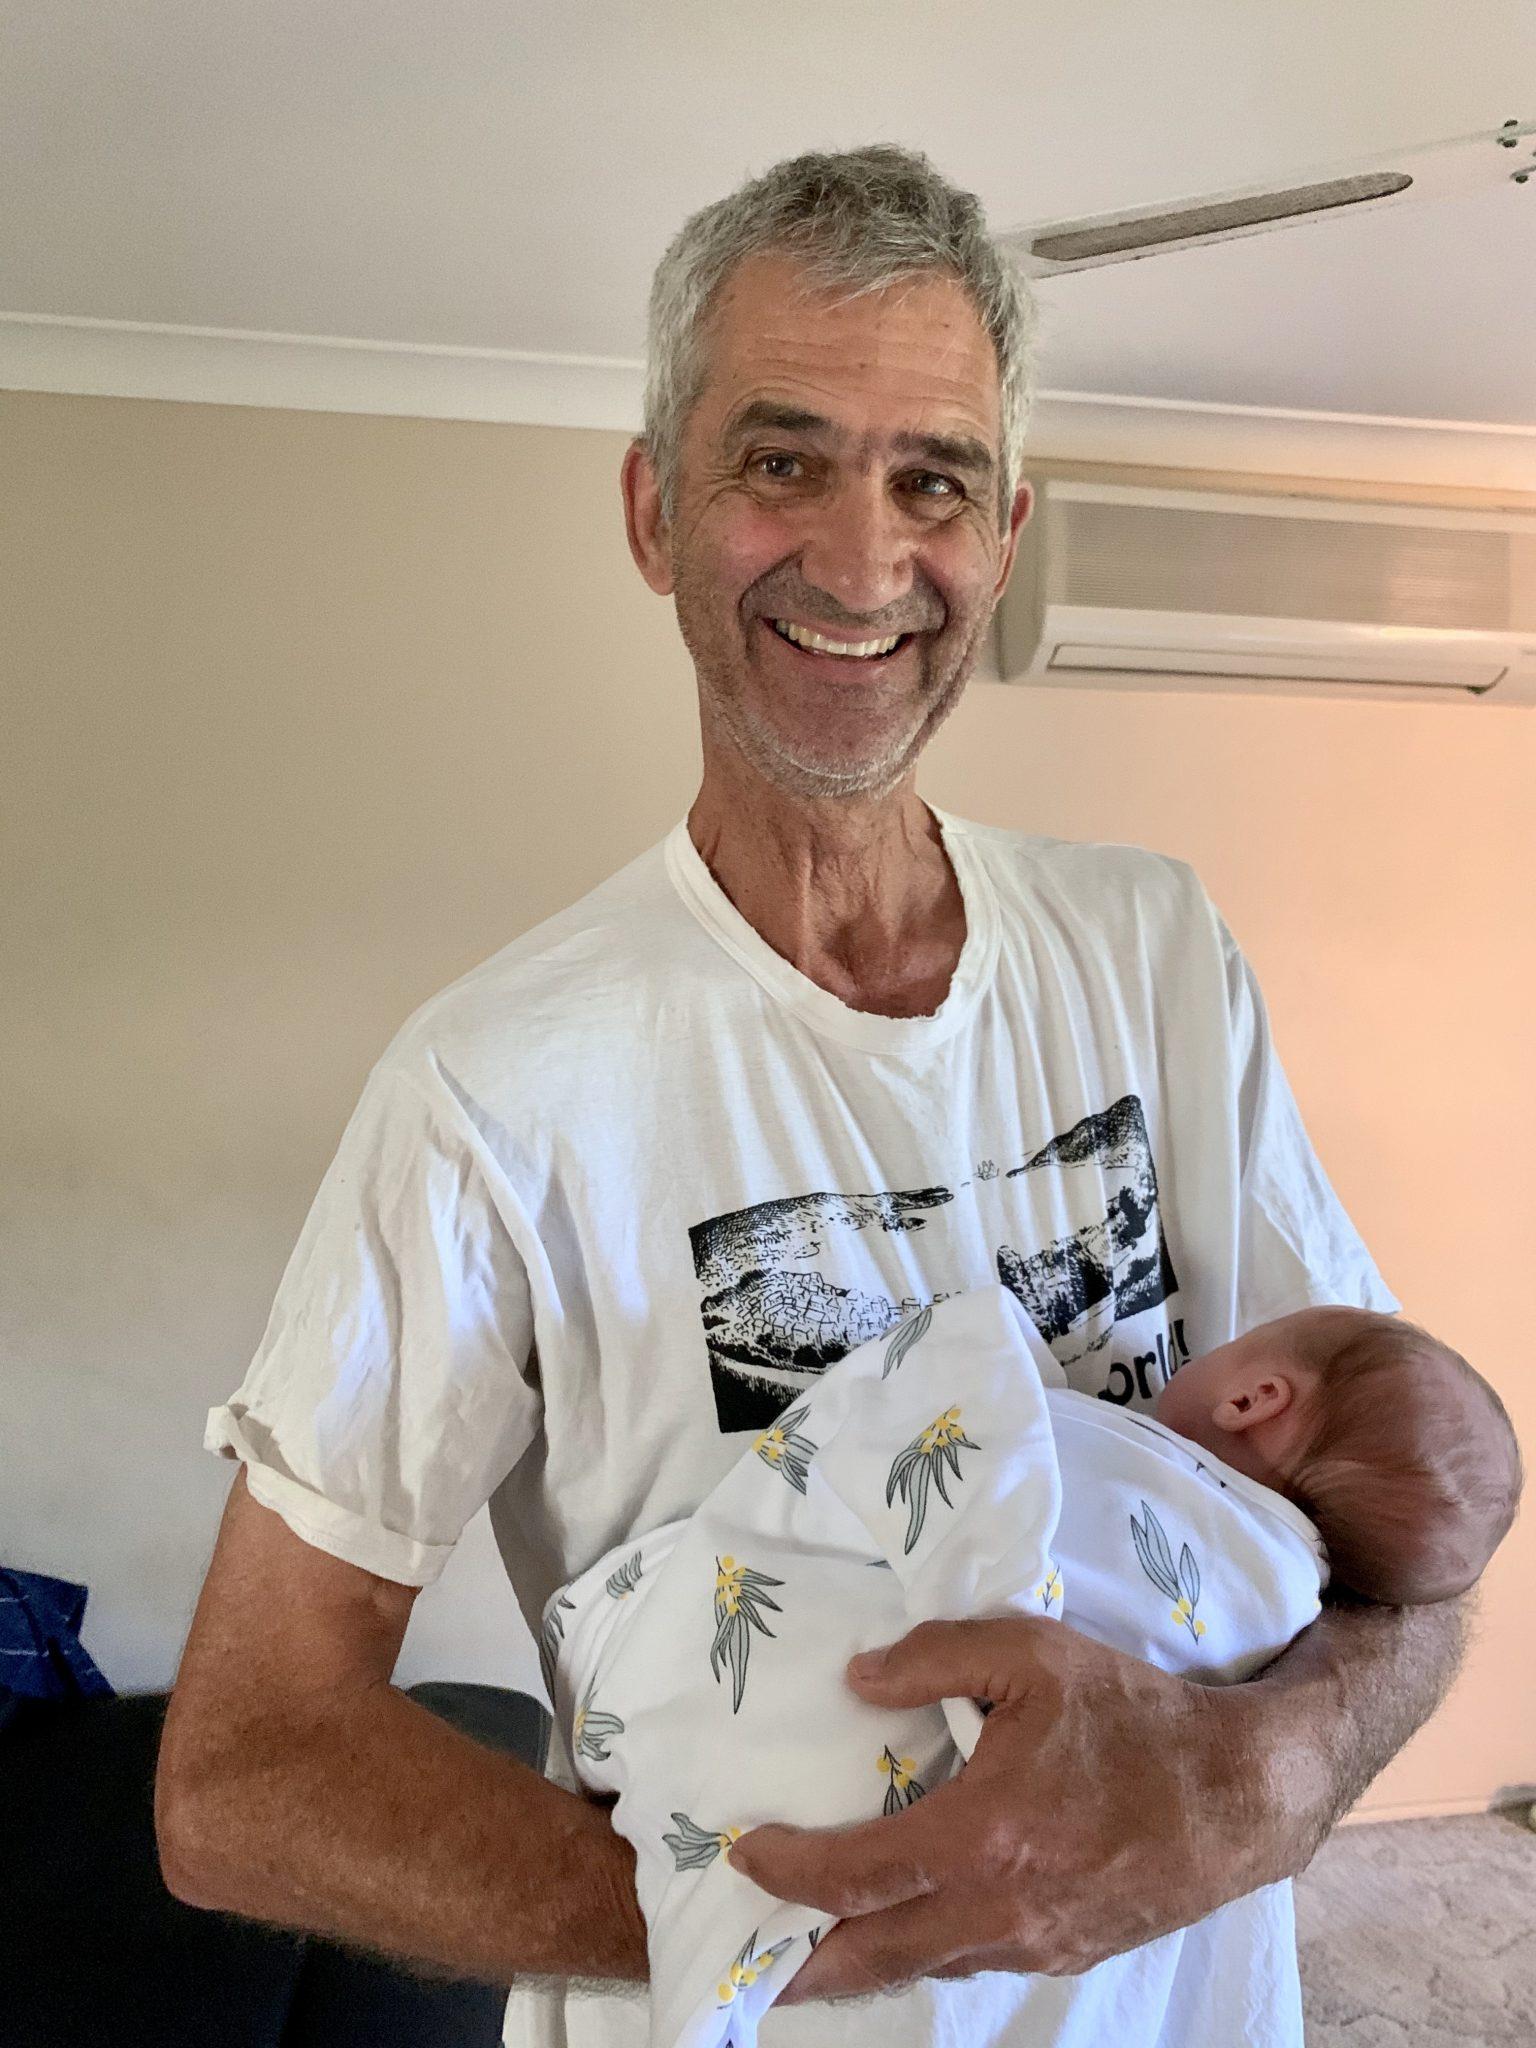 Papa G and baby Patrick